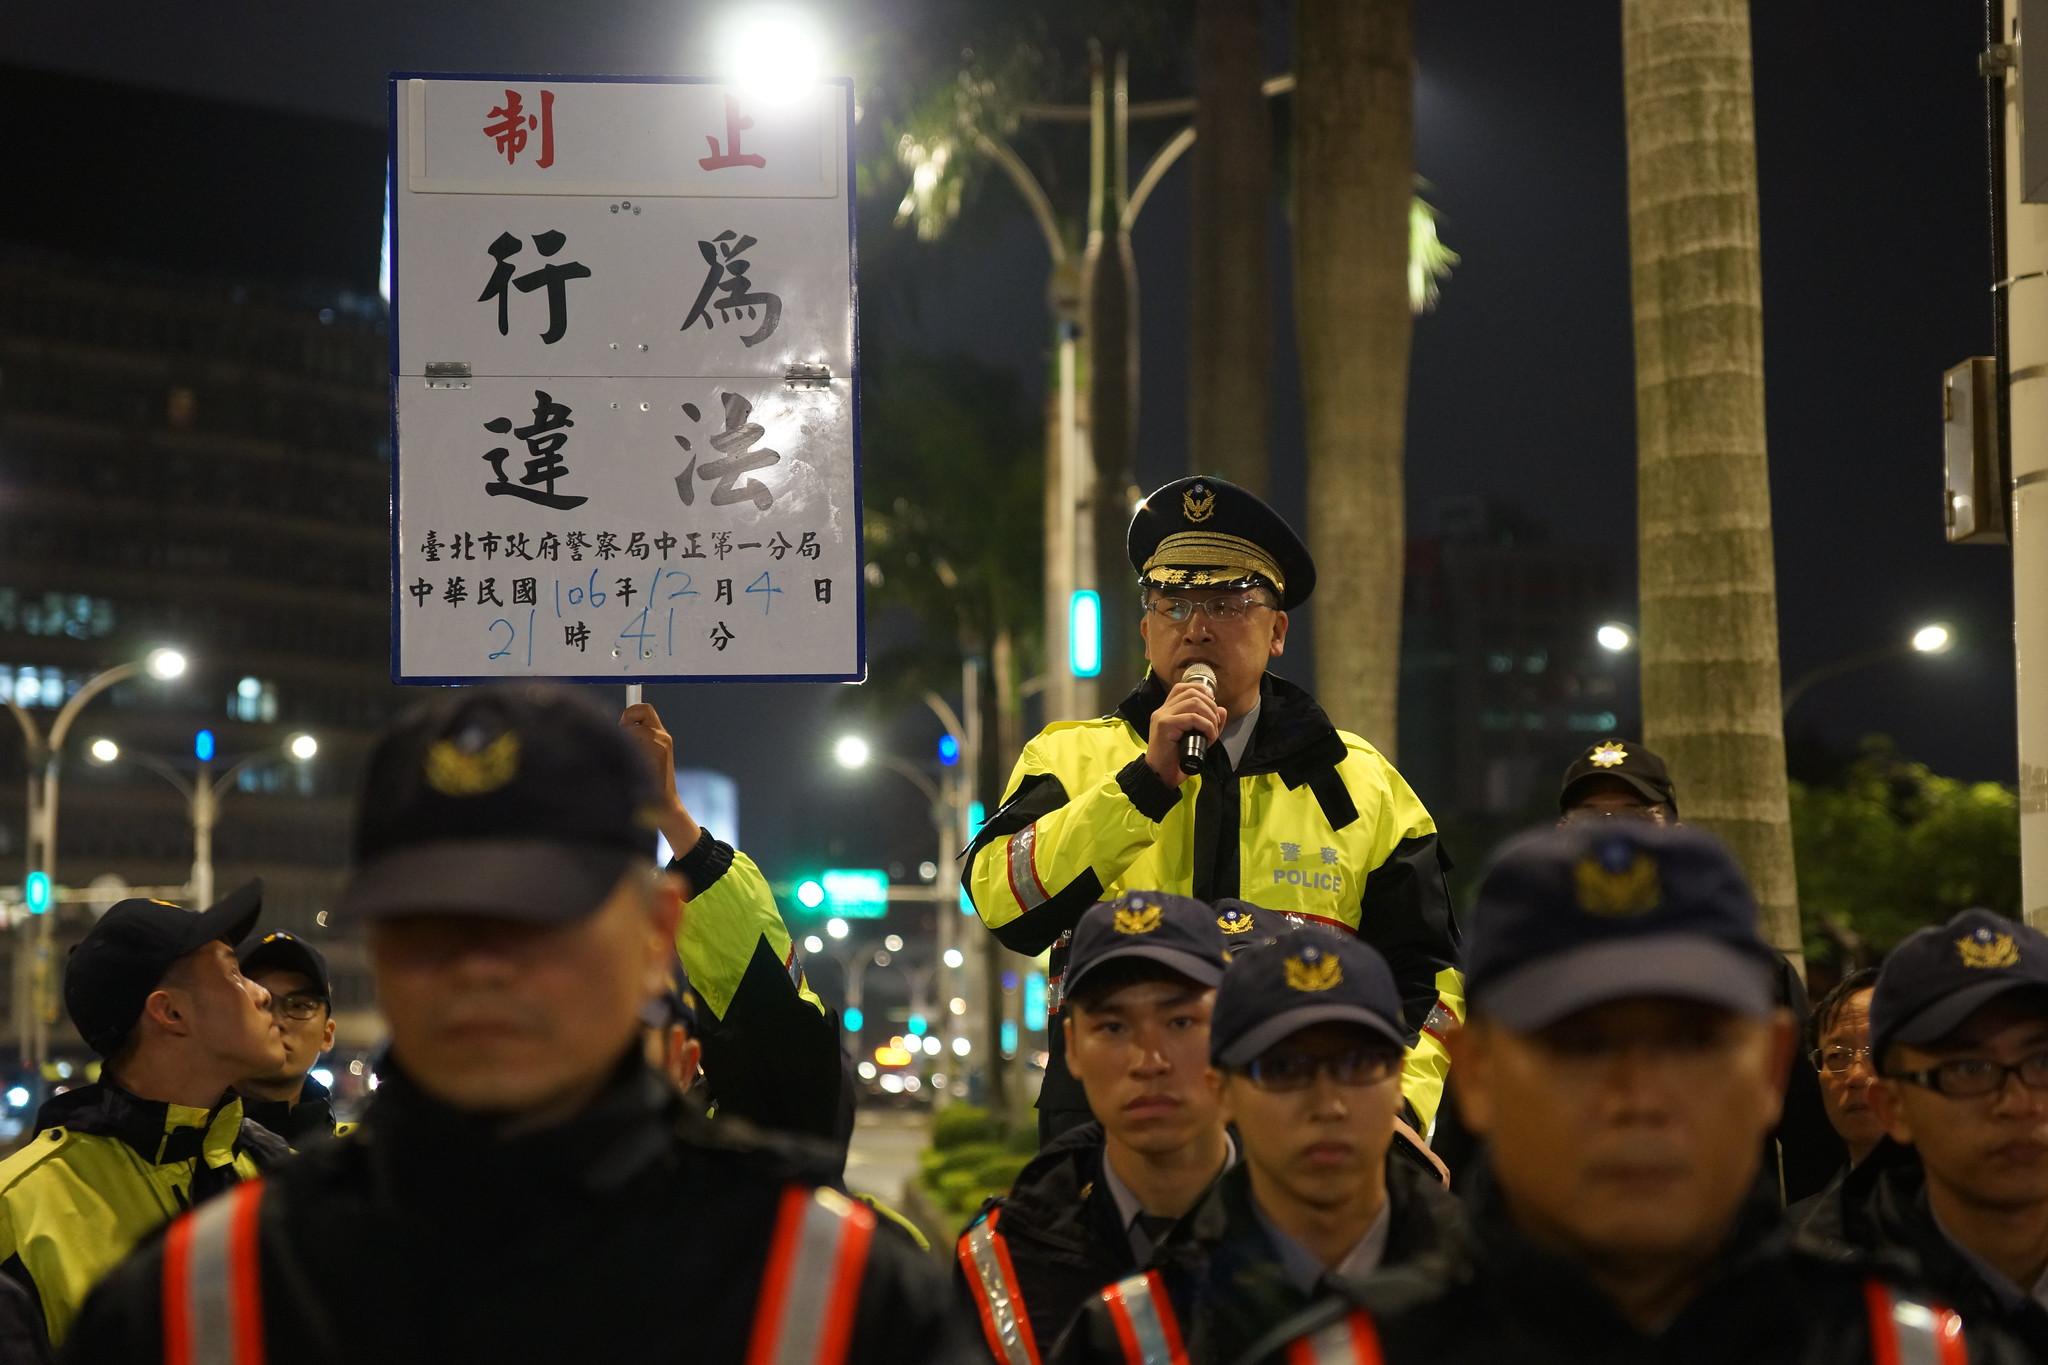 警方晚間9點41分舉牌警告,並在隨後開始抬離抗議民眾。(攝影:王顥中)